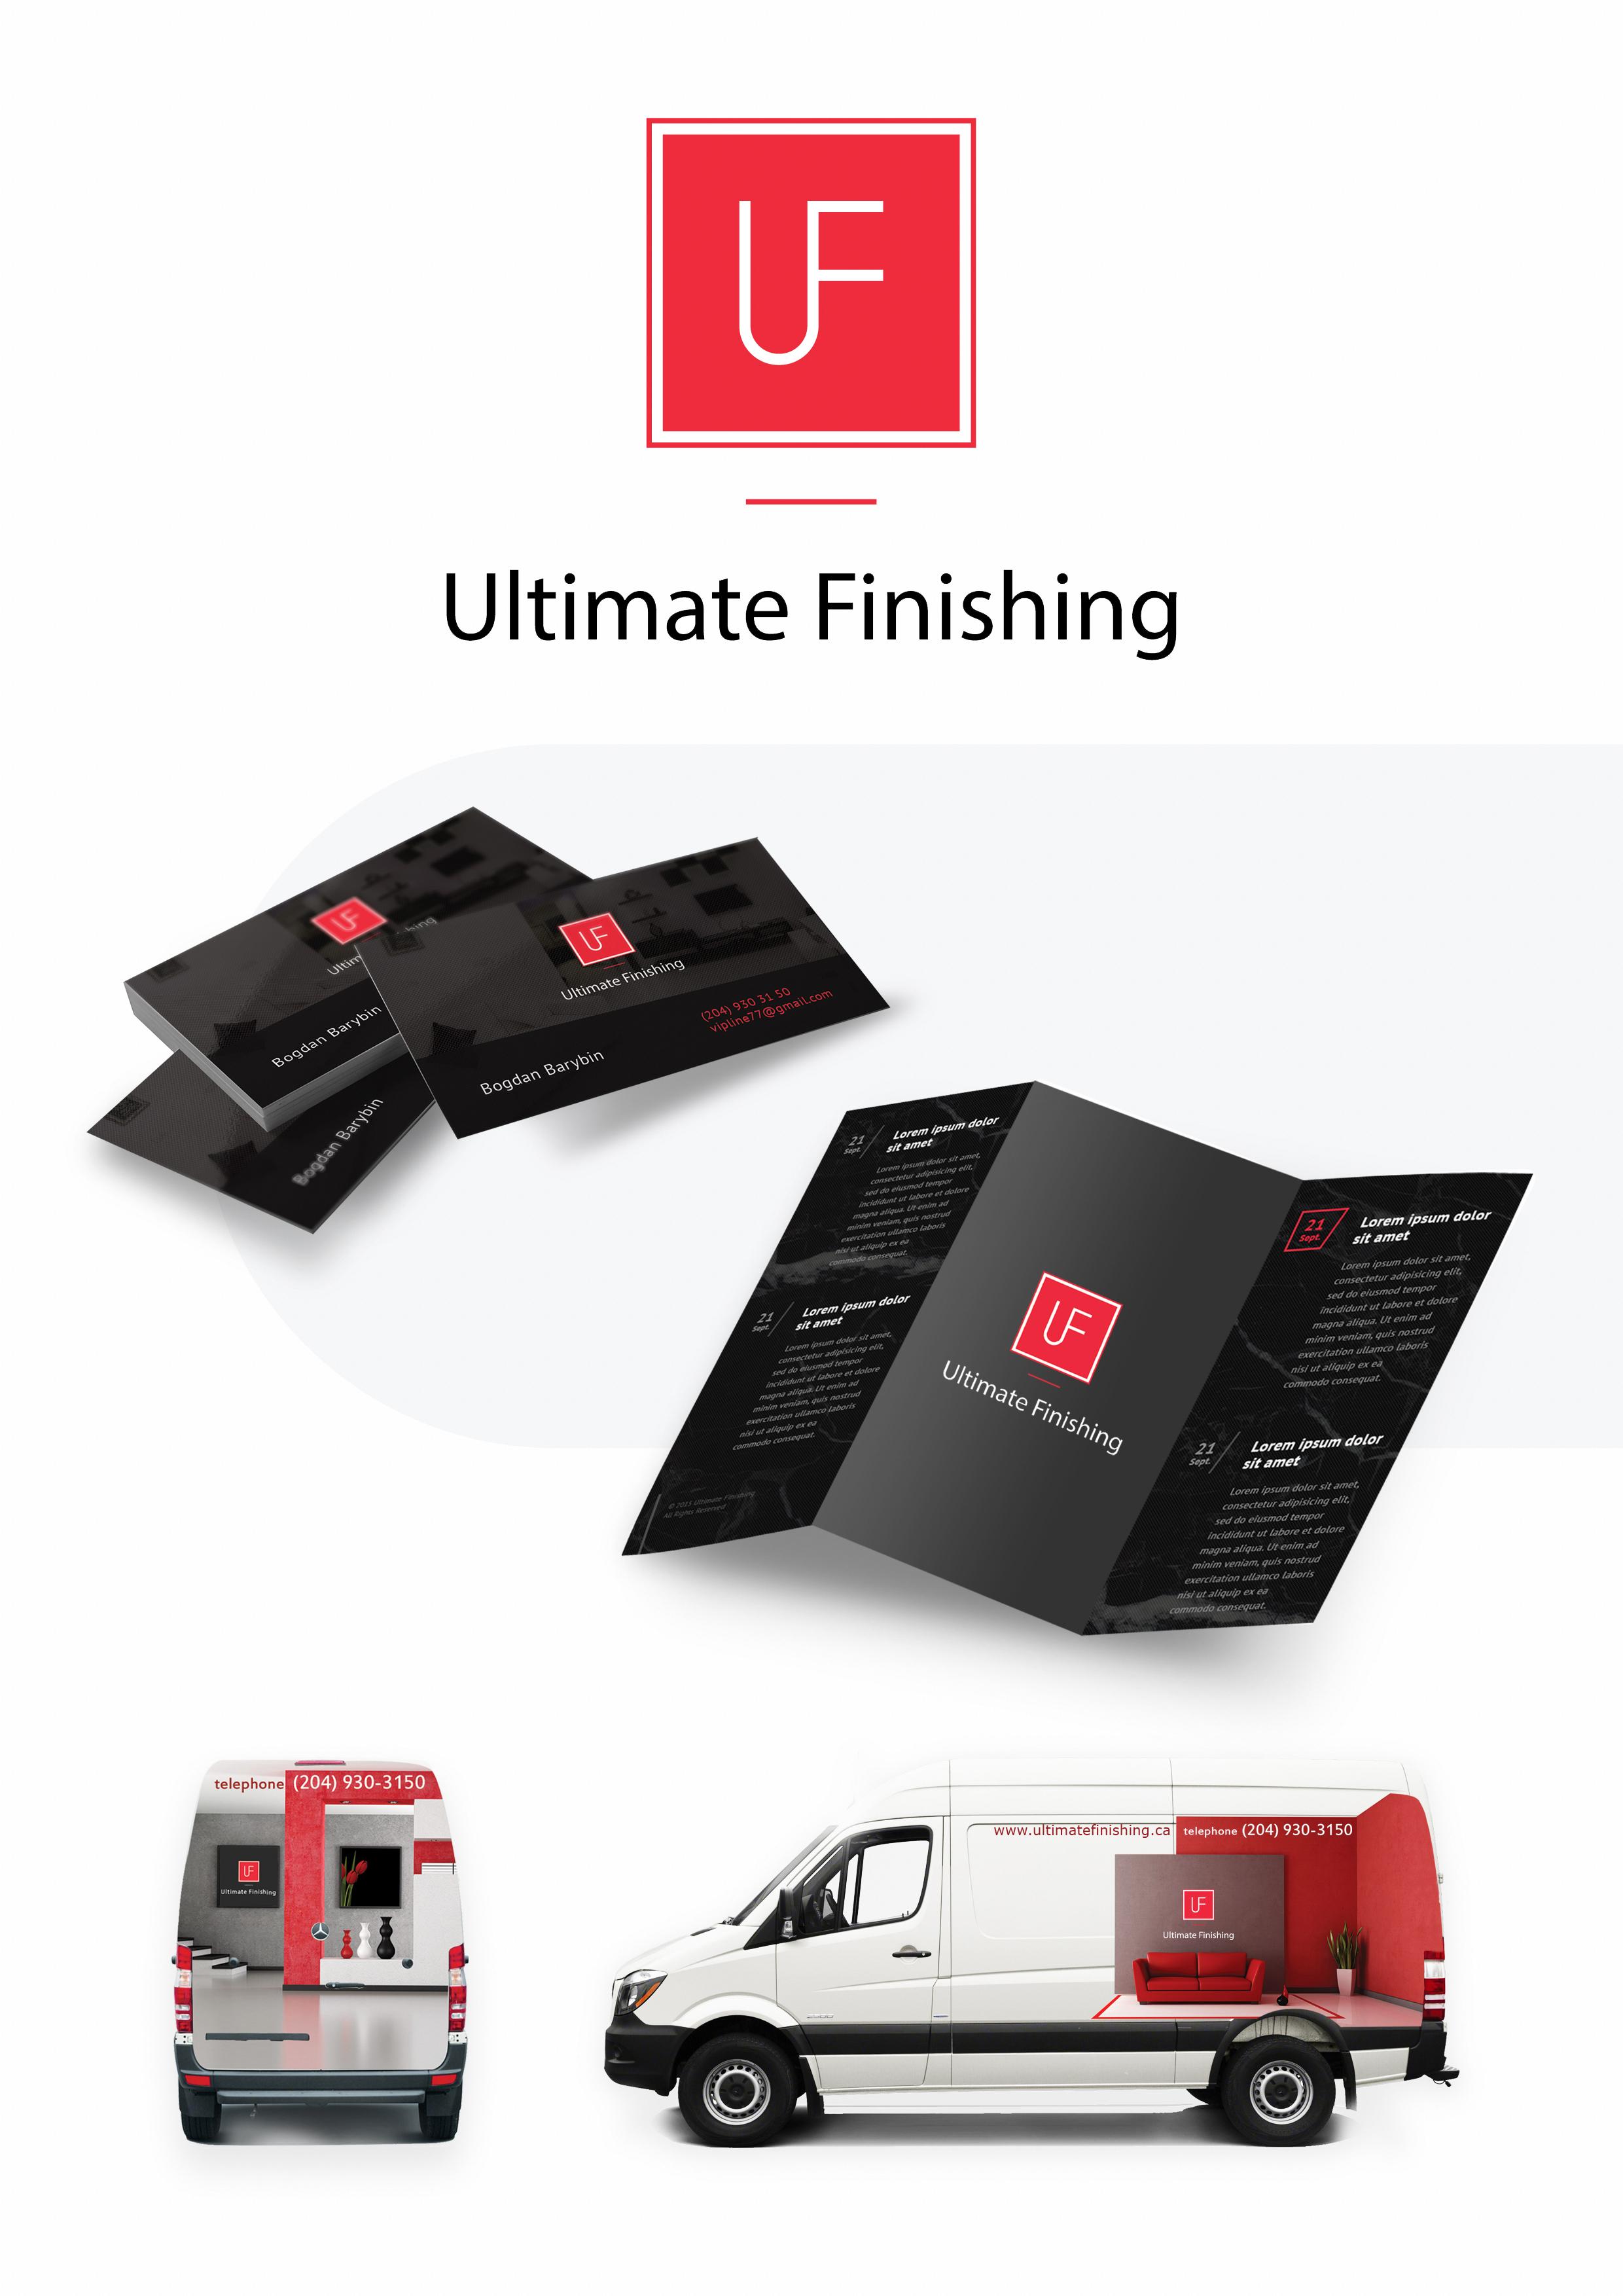 Логотип дизайн визитки дизайн для машины все услуги по строительным работам